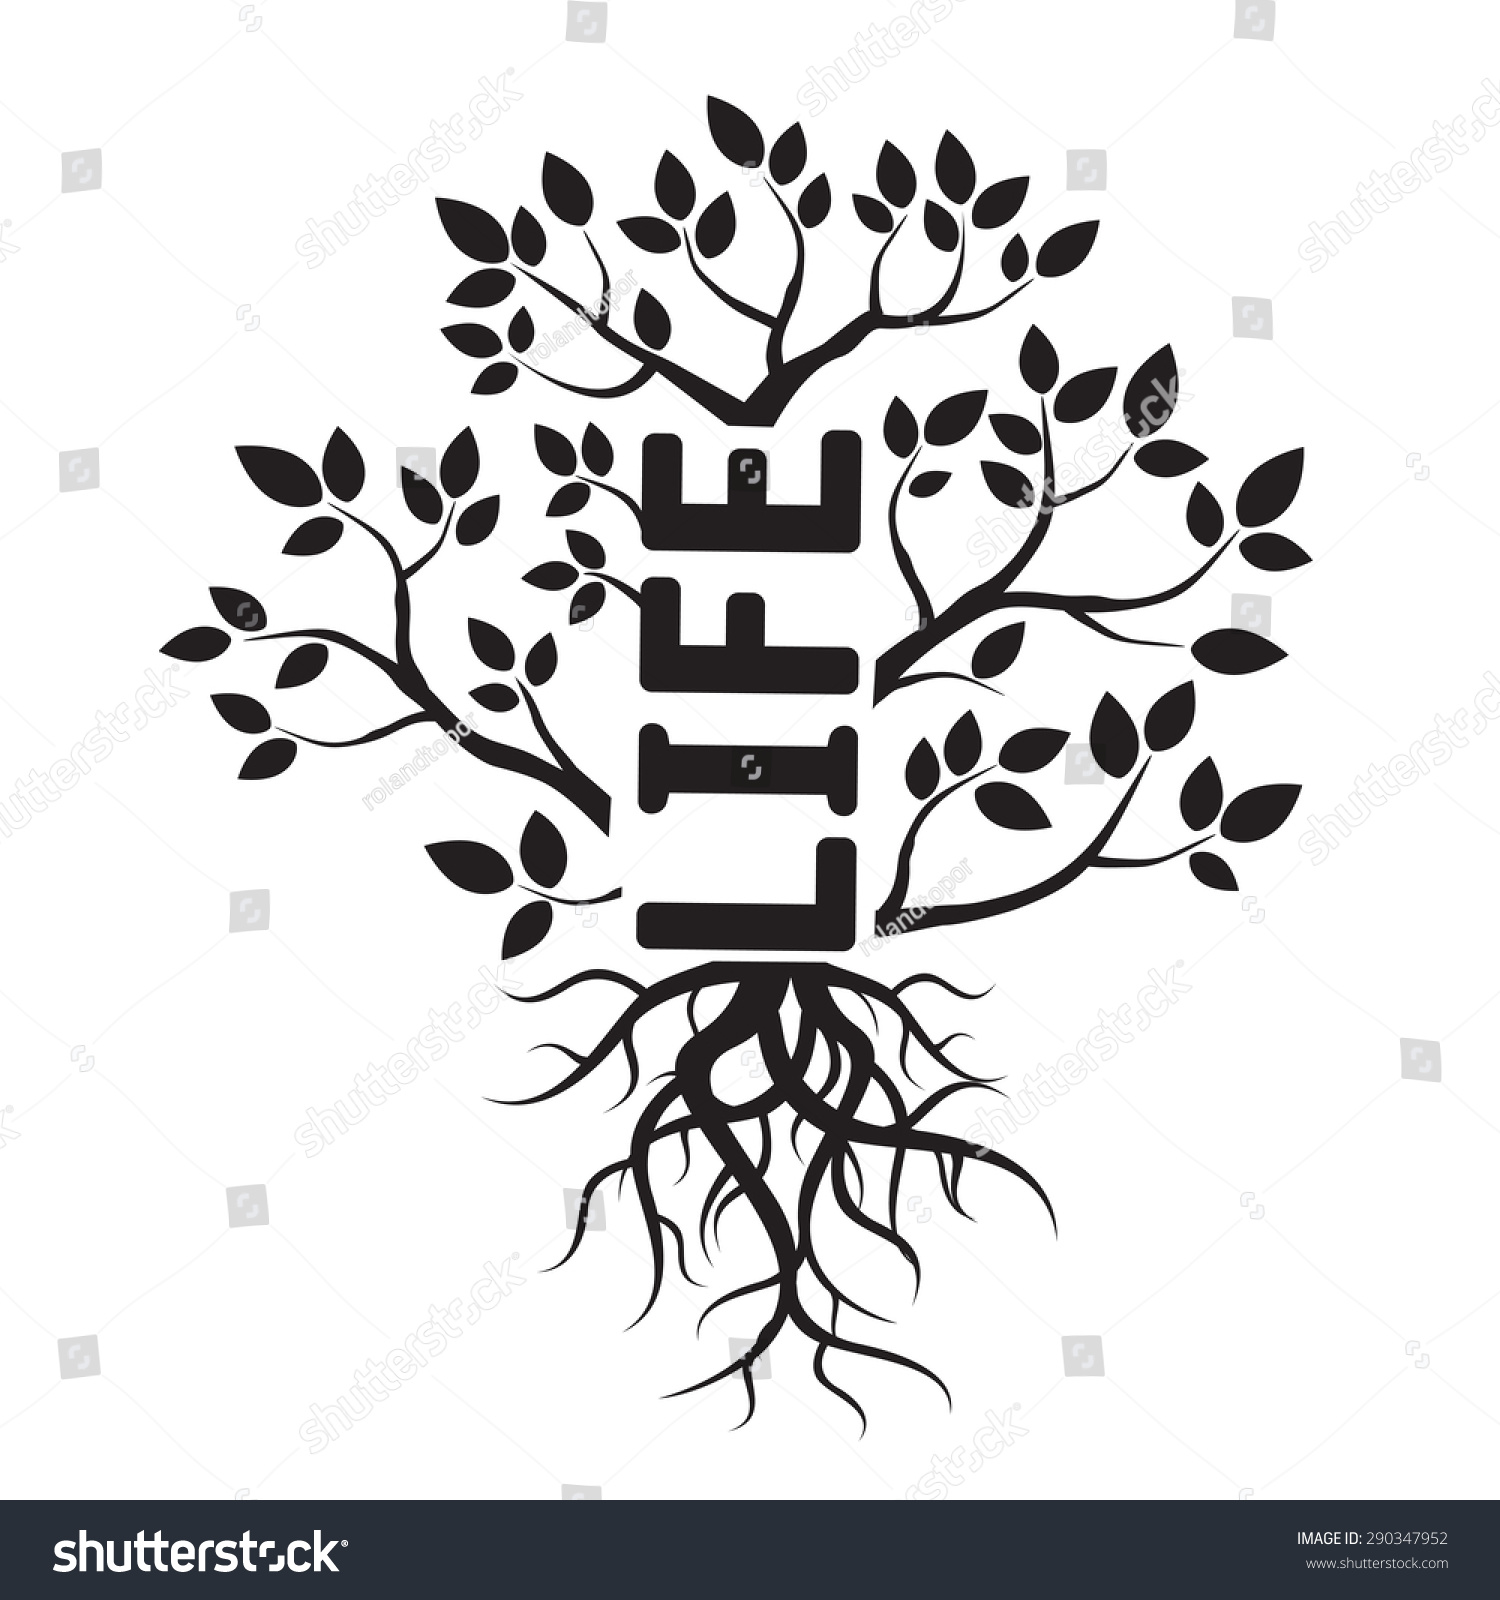 黑色向量树,树叶,树根和文本的生活-符号/标志,其它